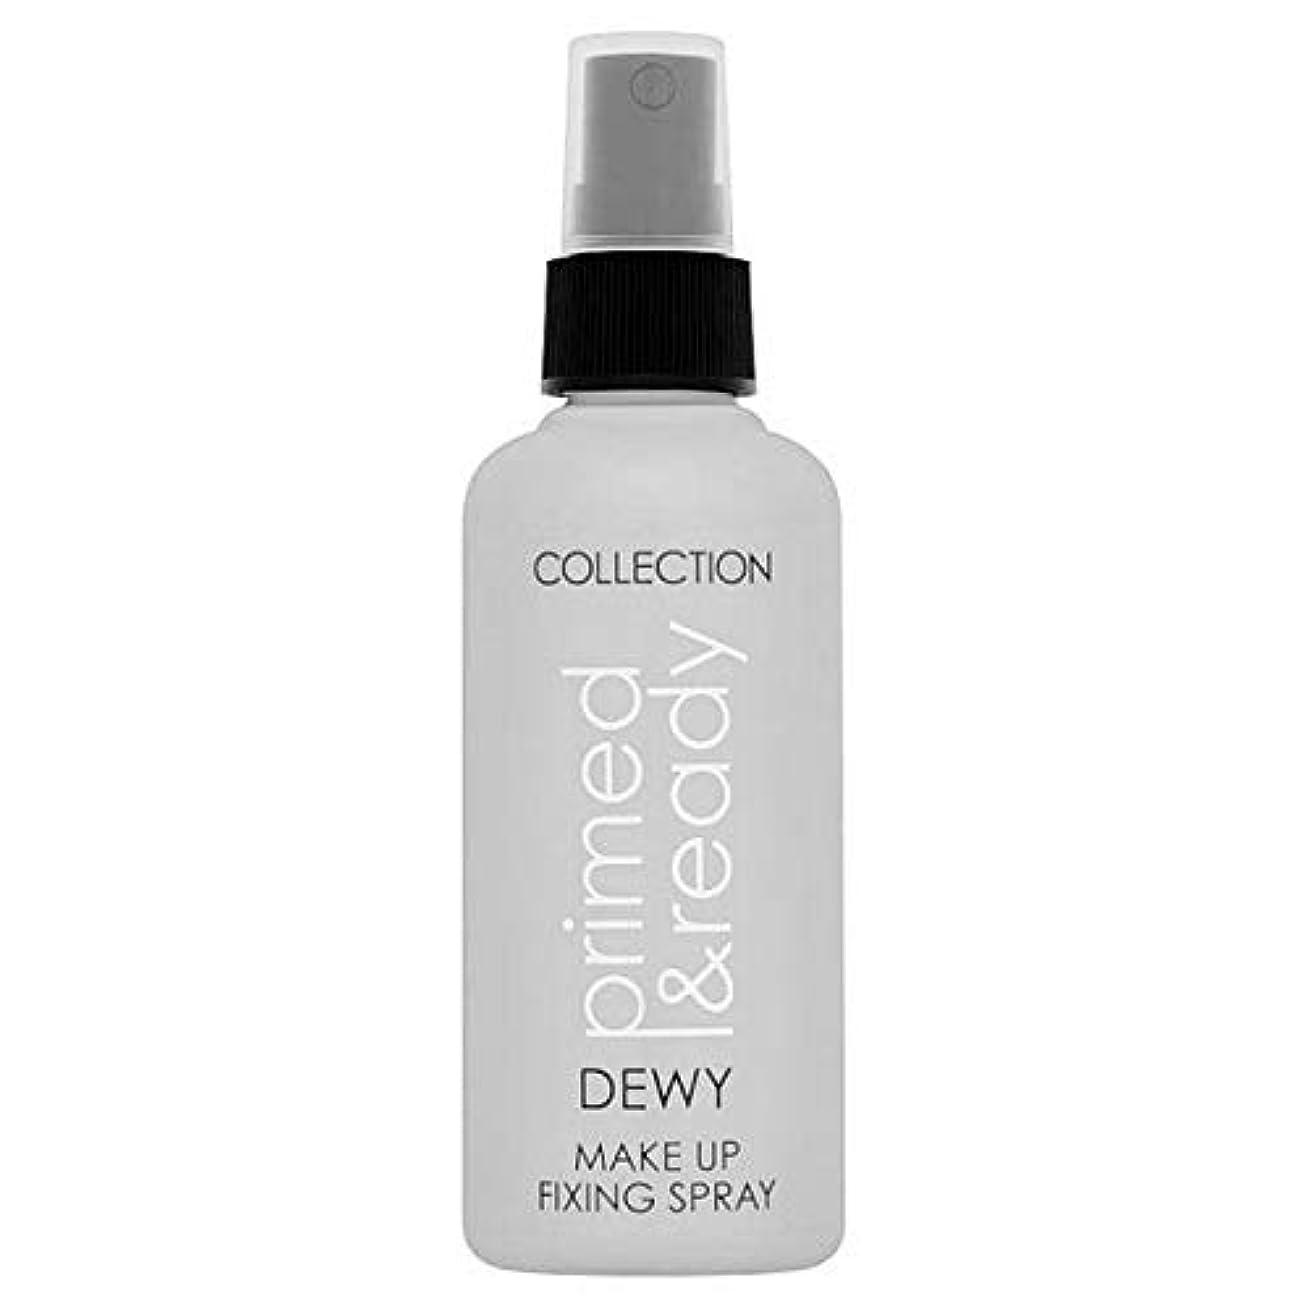 近所のパートナーく[Collection ] コレクションは、下塗りされた&準備結露化粧具は100ミリリットルスプレー - COLLECTION Primed & Ready Dewy Makeup Fixings Spray 100ml...